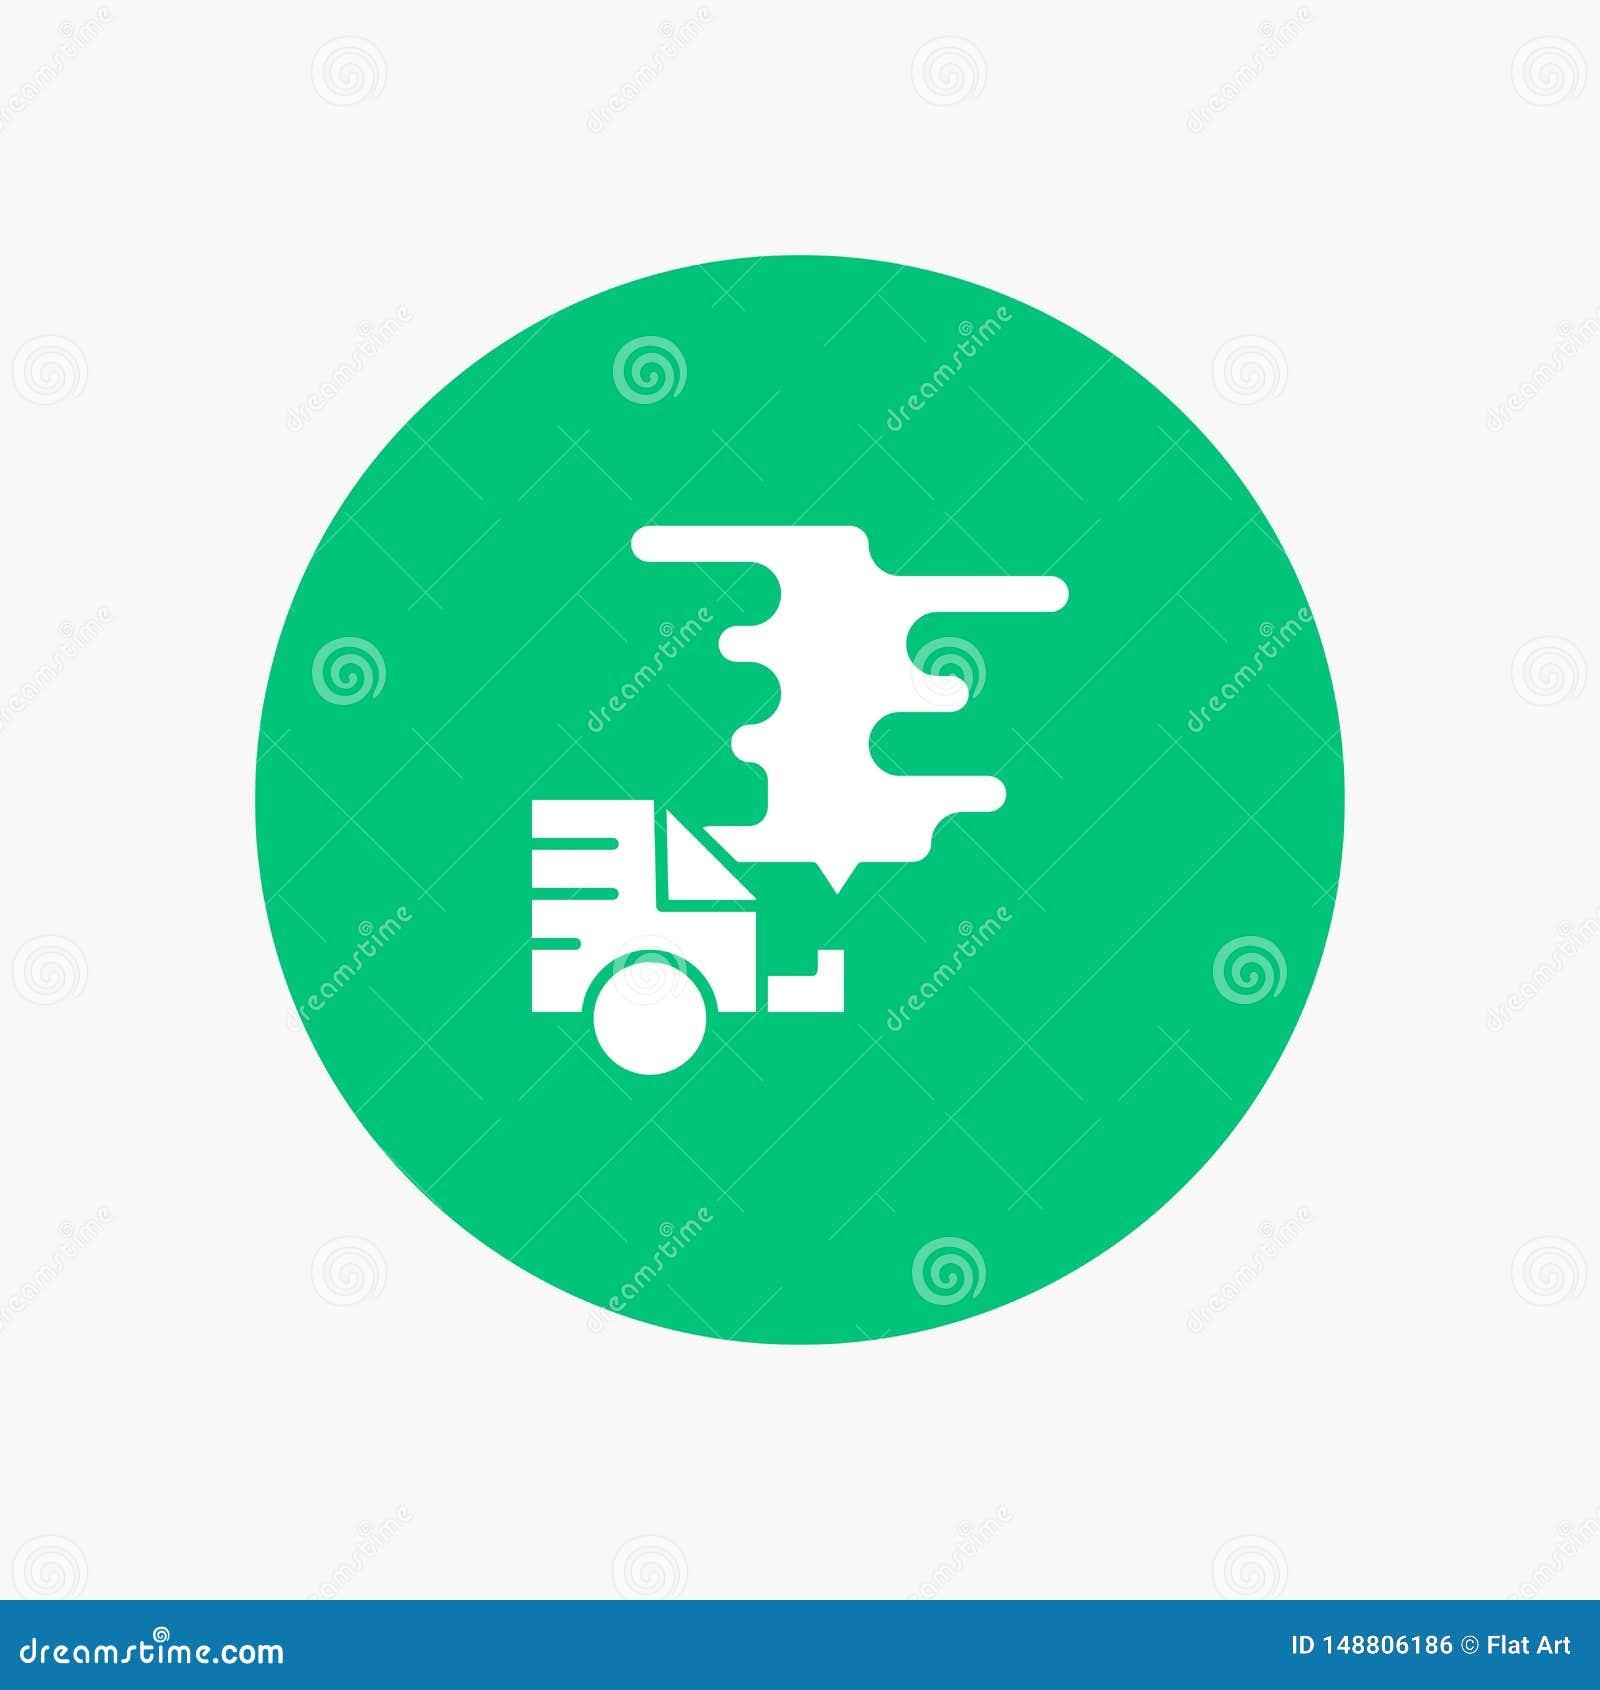 Αυτοκίνητο, αυτοκίνητο, εκπομπή, αέριο, ρύπανση